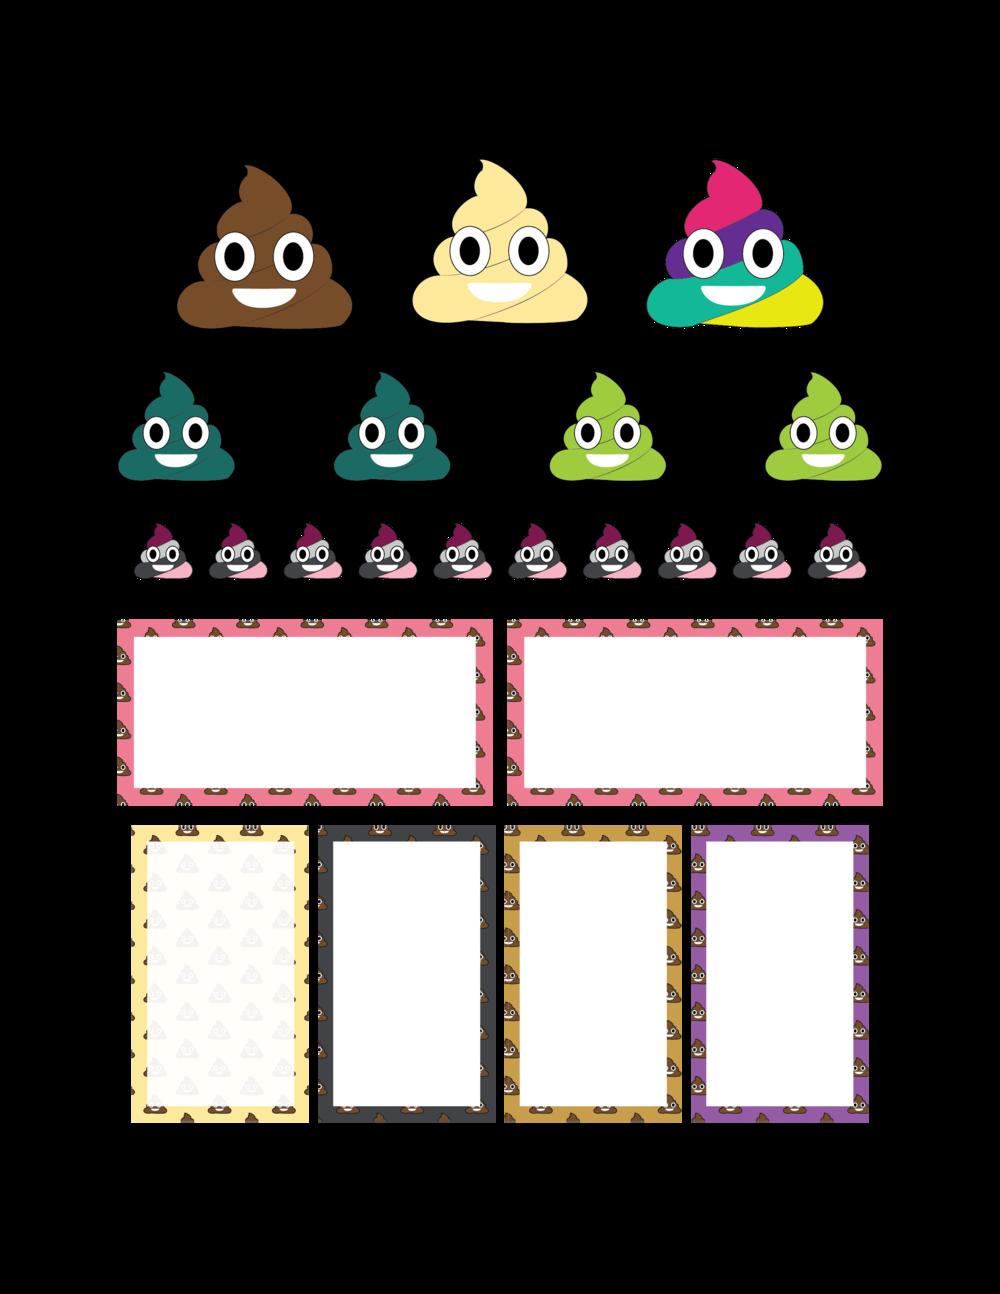 Sample_Poop_Emoji_Sticker_Pack001.png